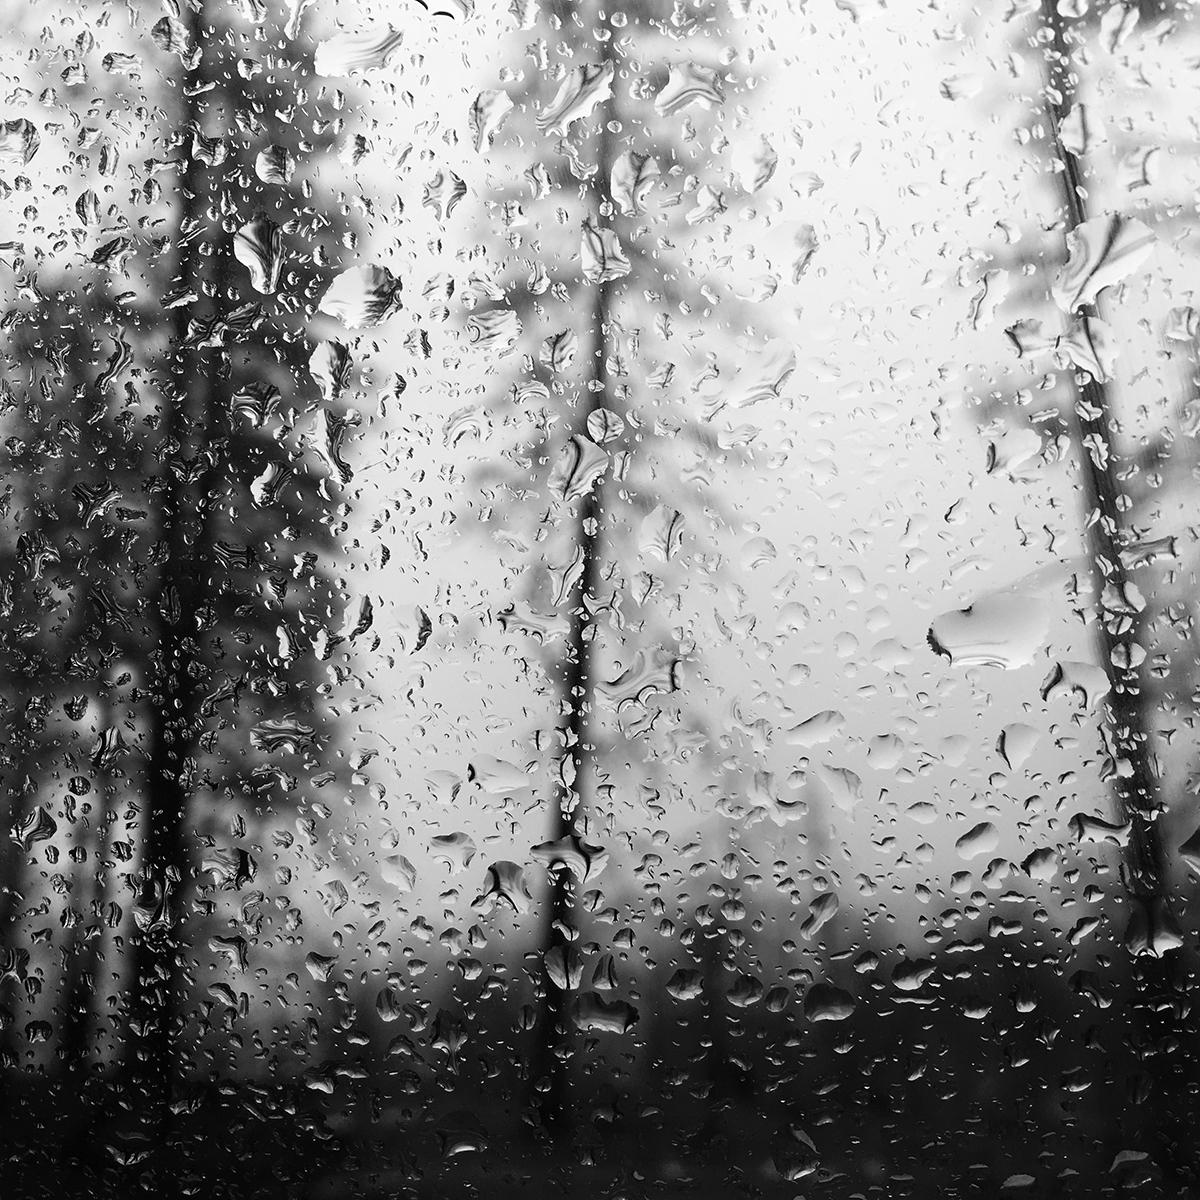 16_cobb_rain.jpg